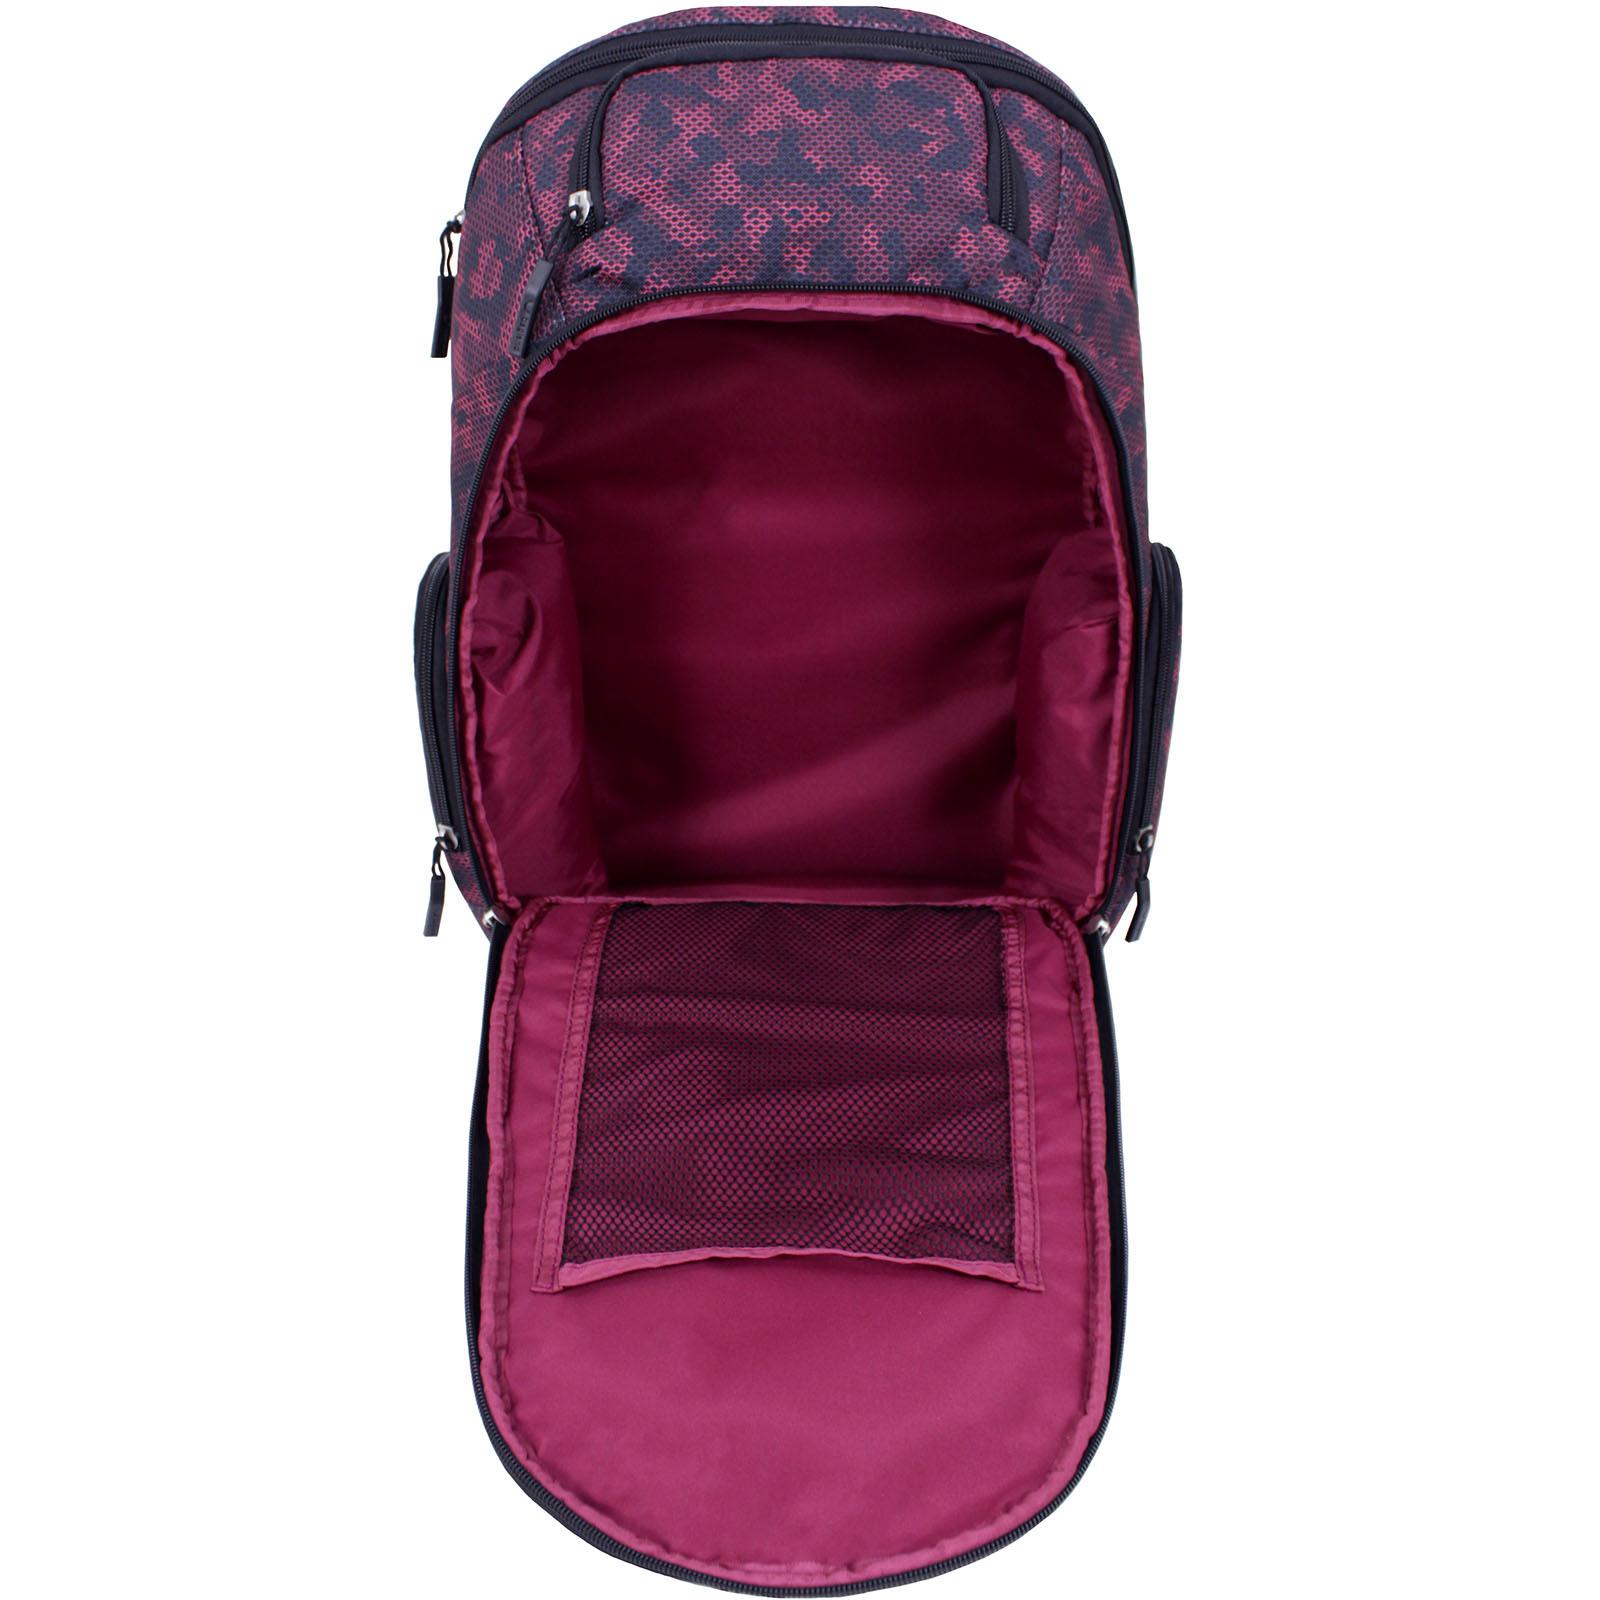 Рюкзак для ноутбука Bagland Tibo 23 л. 466 (00190664) фото 5